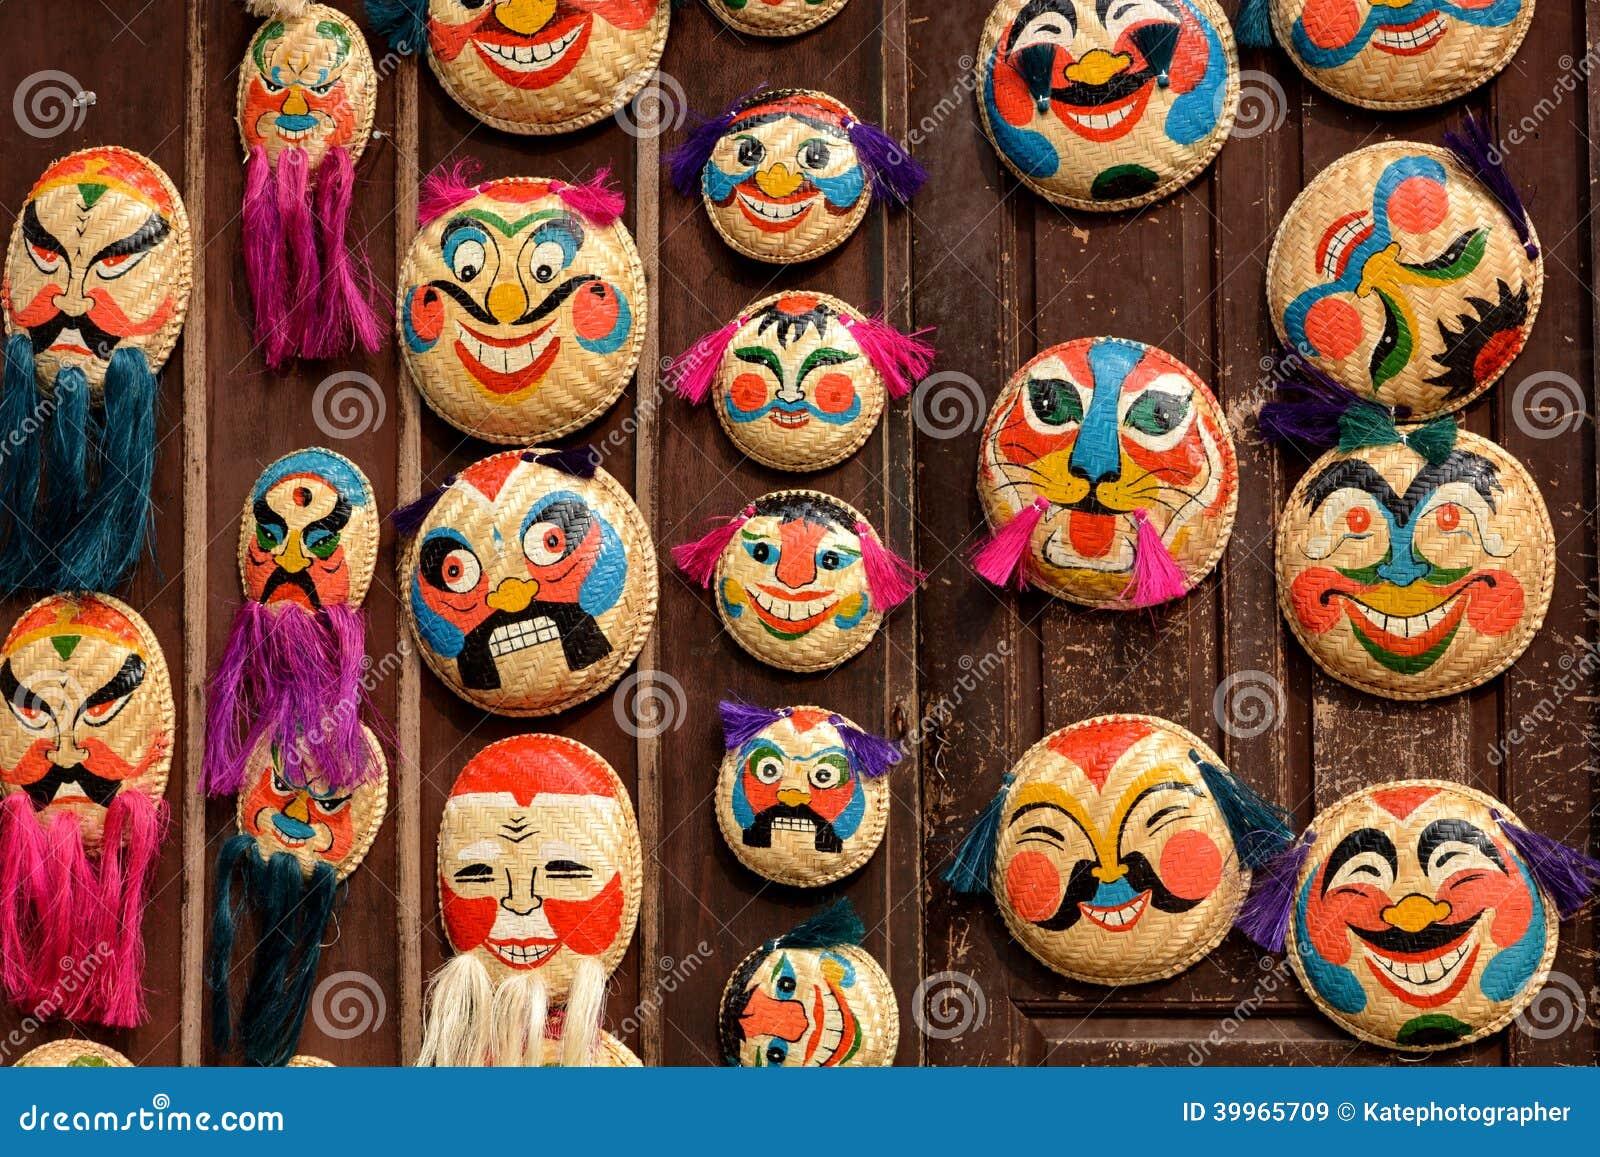 buono sconto vendite all'ingrosso accaparramento come merce rara Maschere Decorative Vietnamite Di Vecchio Stile. Immagine ...